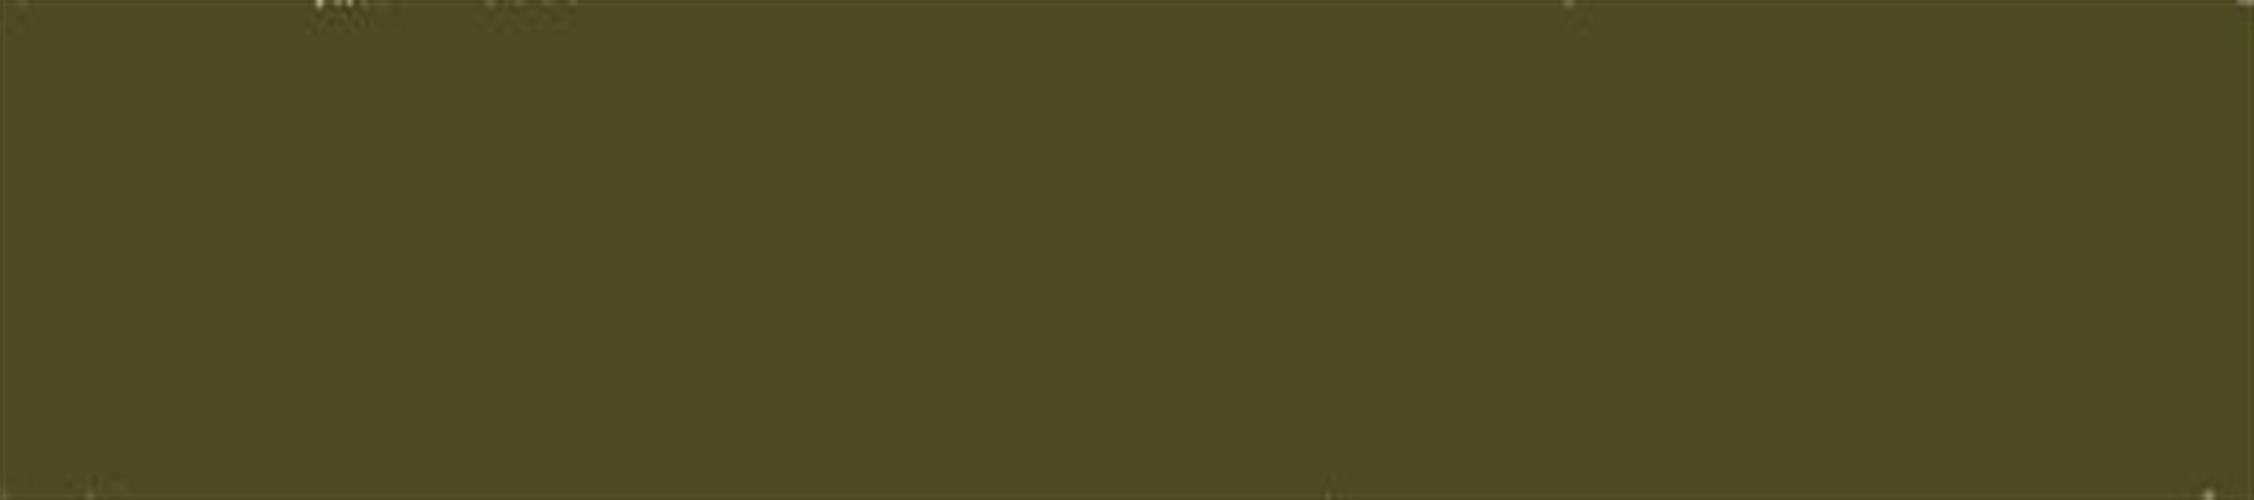 רצועות לבד 20X90 - ירוק זית